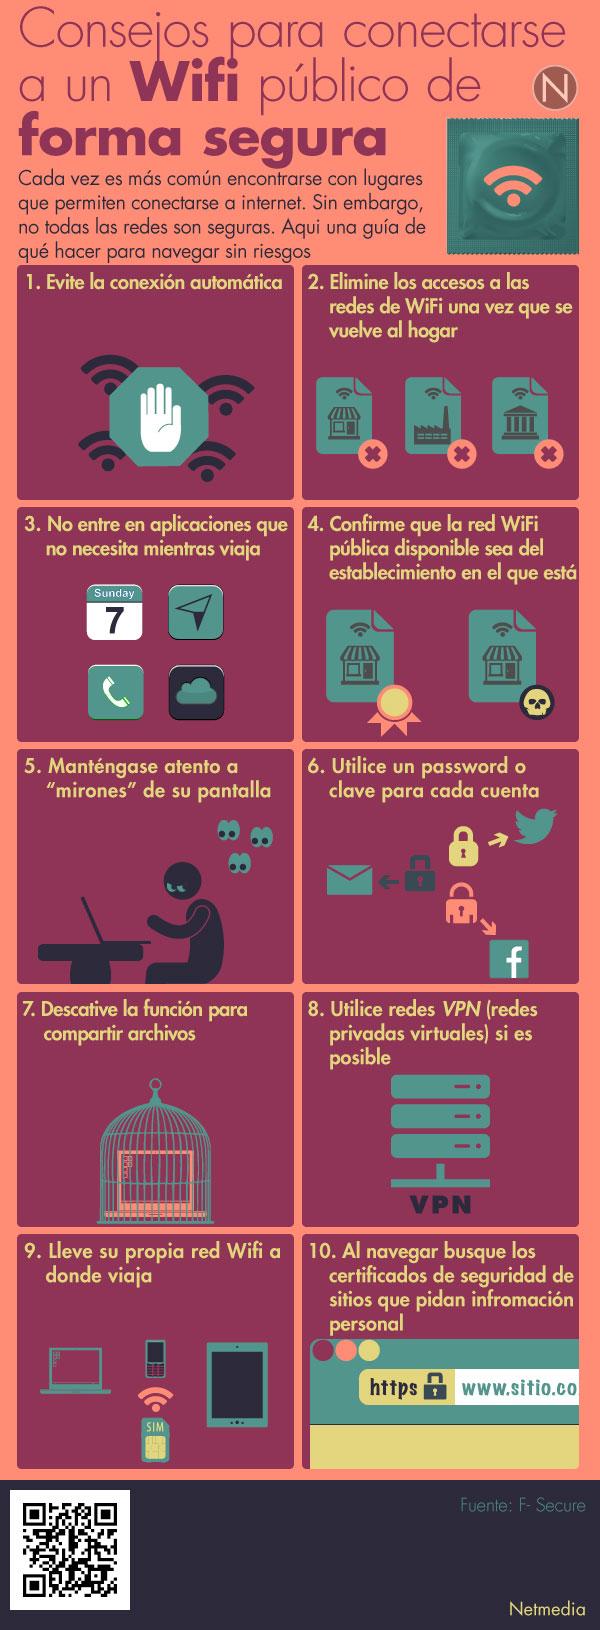 Usa la WiFi pública de forma segura